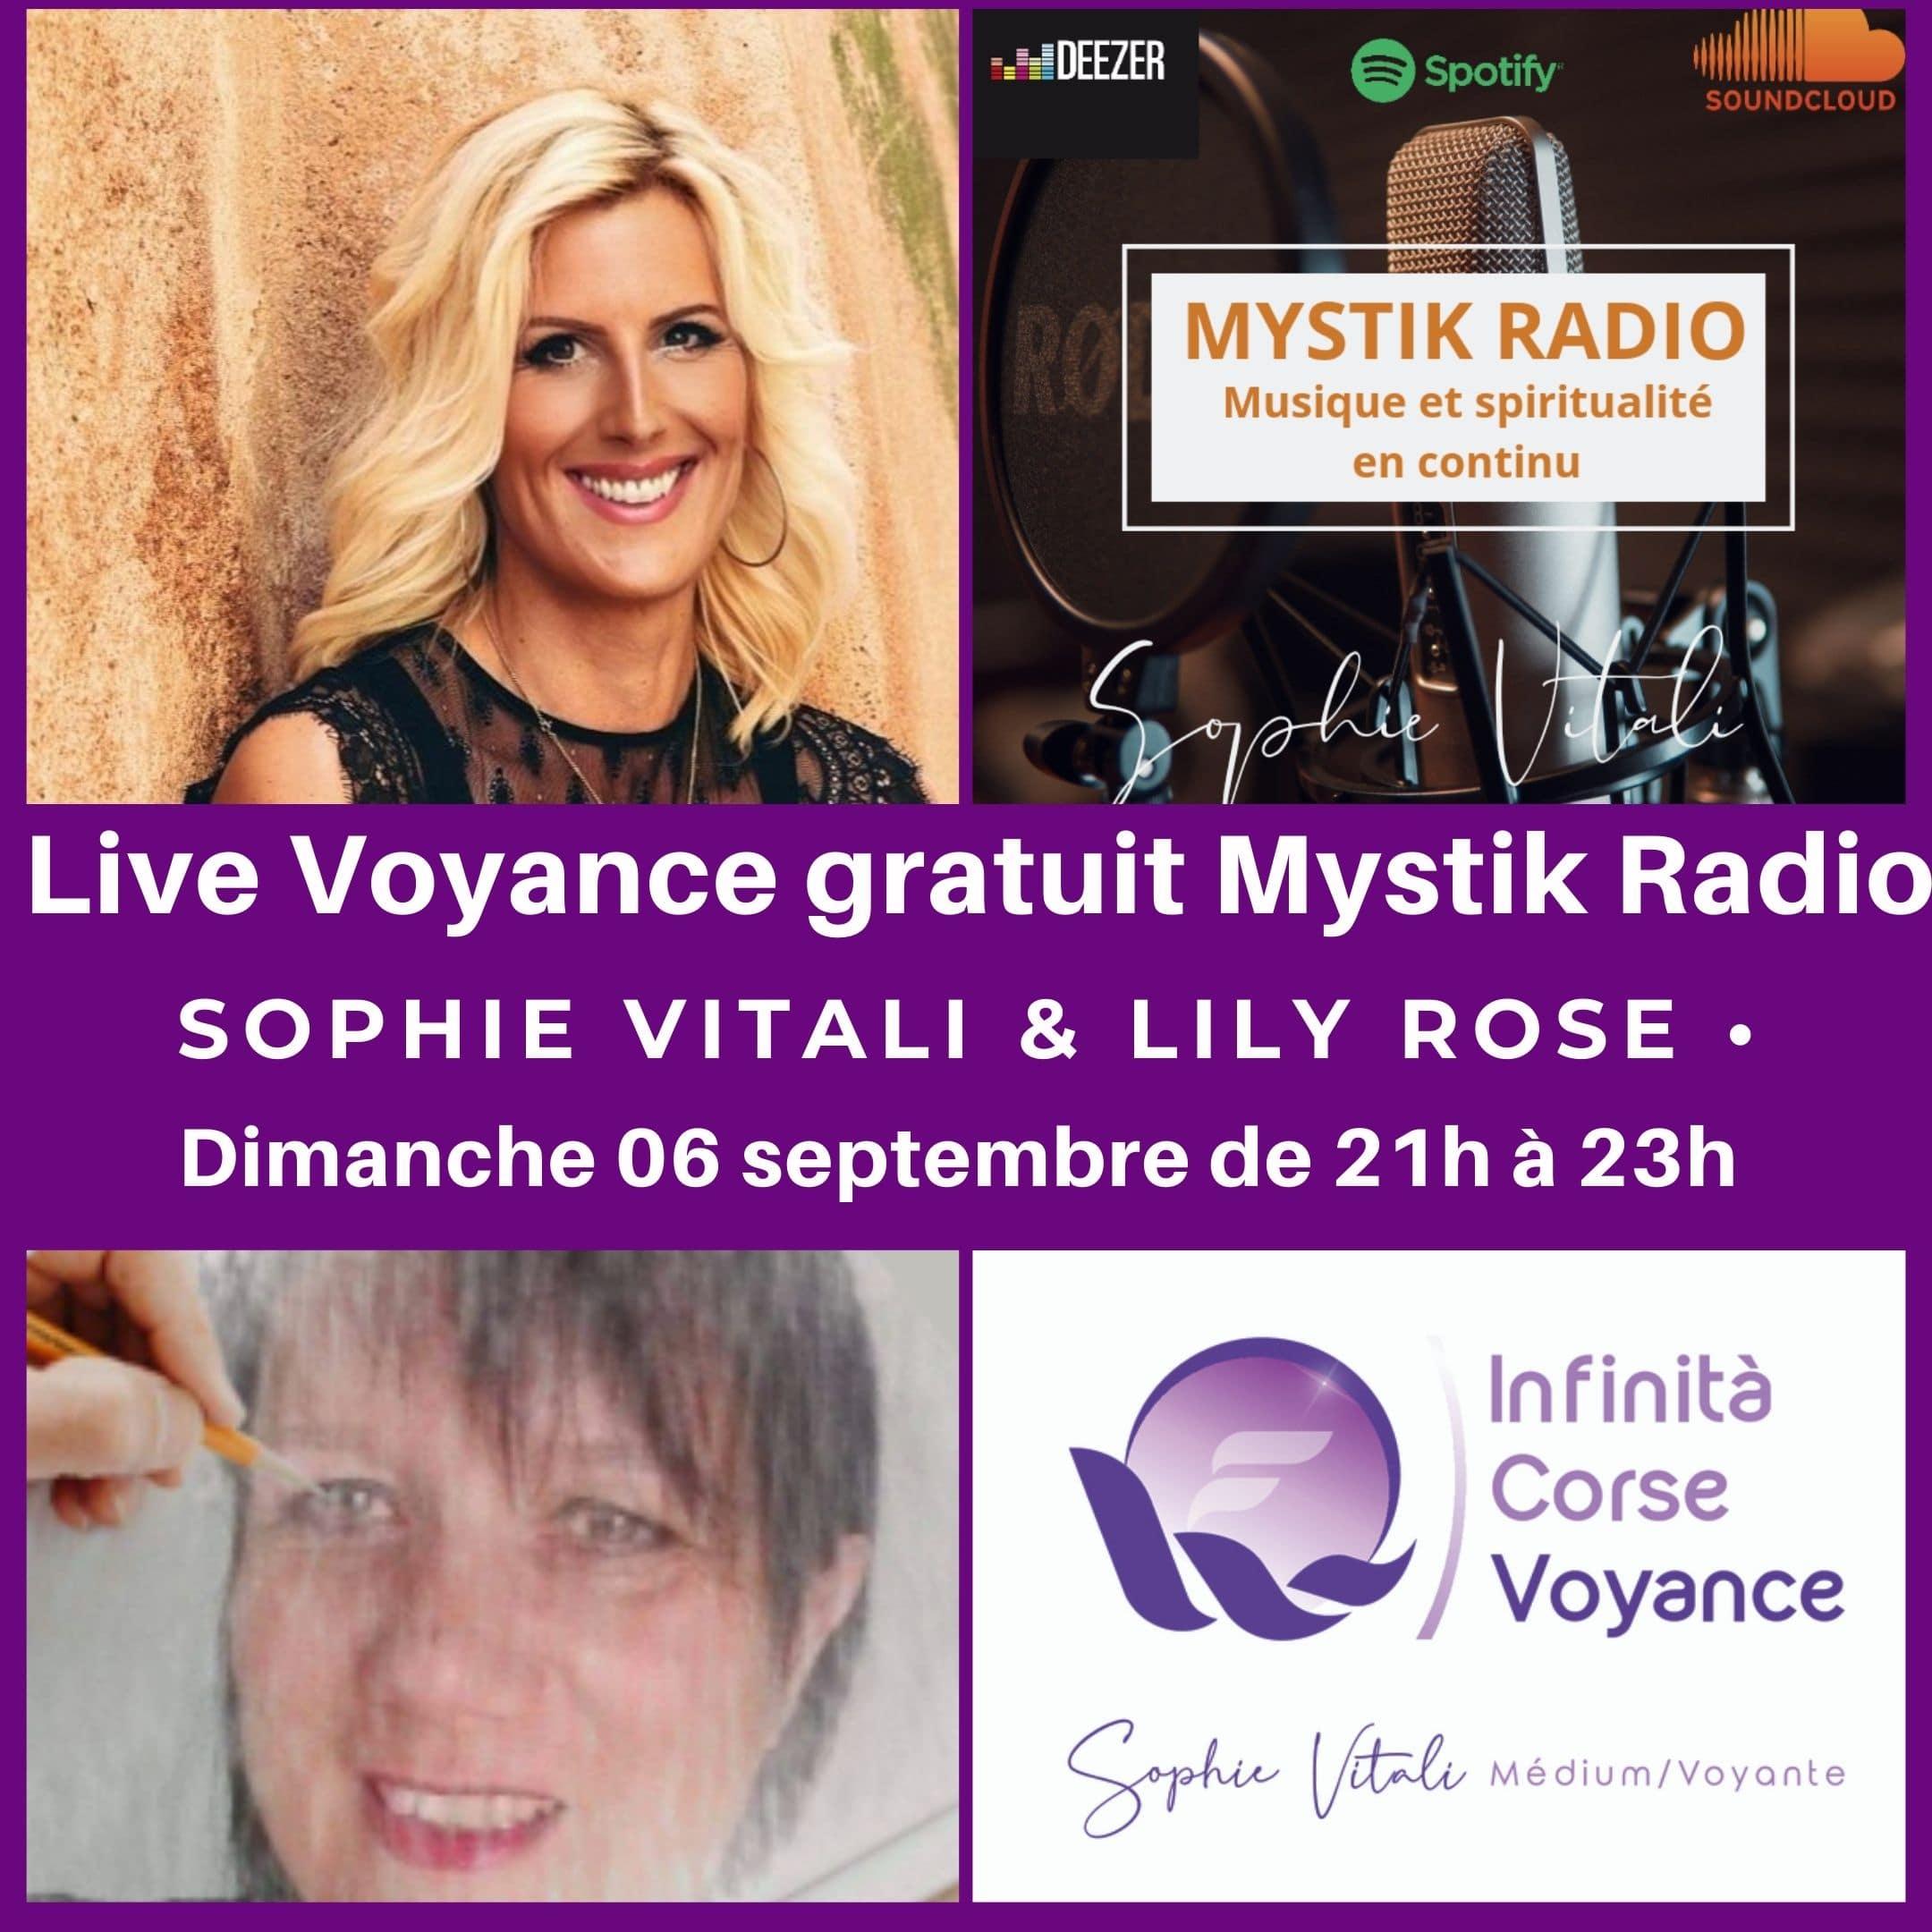 Voyance gratuite sur Mystik Radio avec Sophie Vitali et Lily Rose